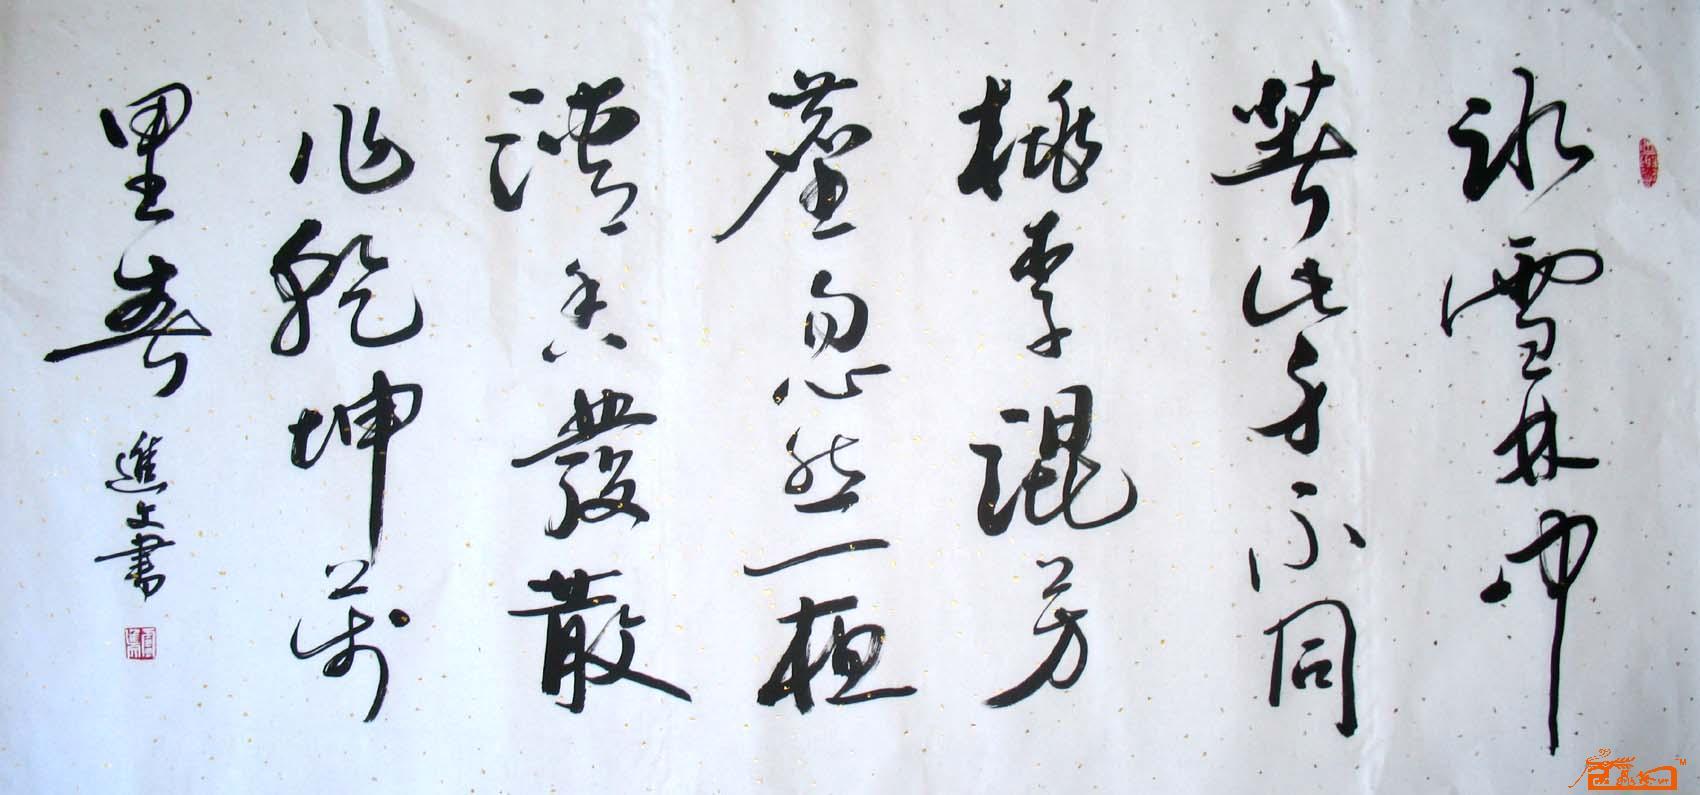 卢进文书法作品10-卢进文-淘宝-名人字画-中国书画图片